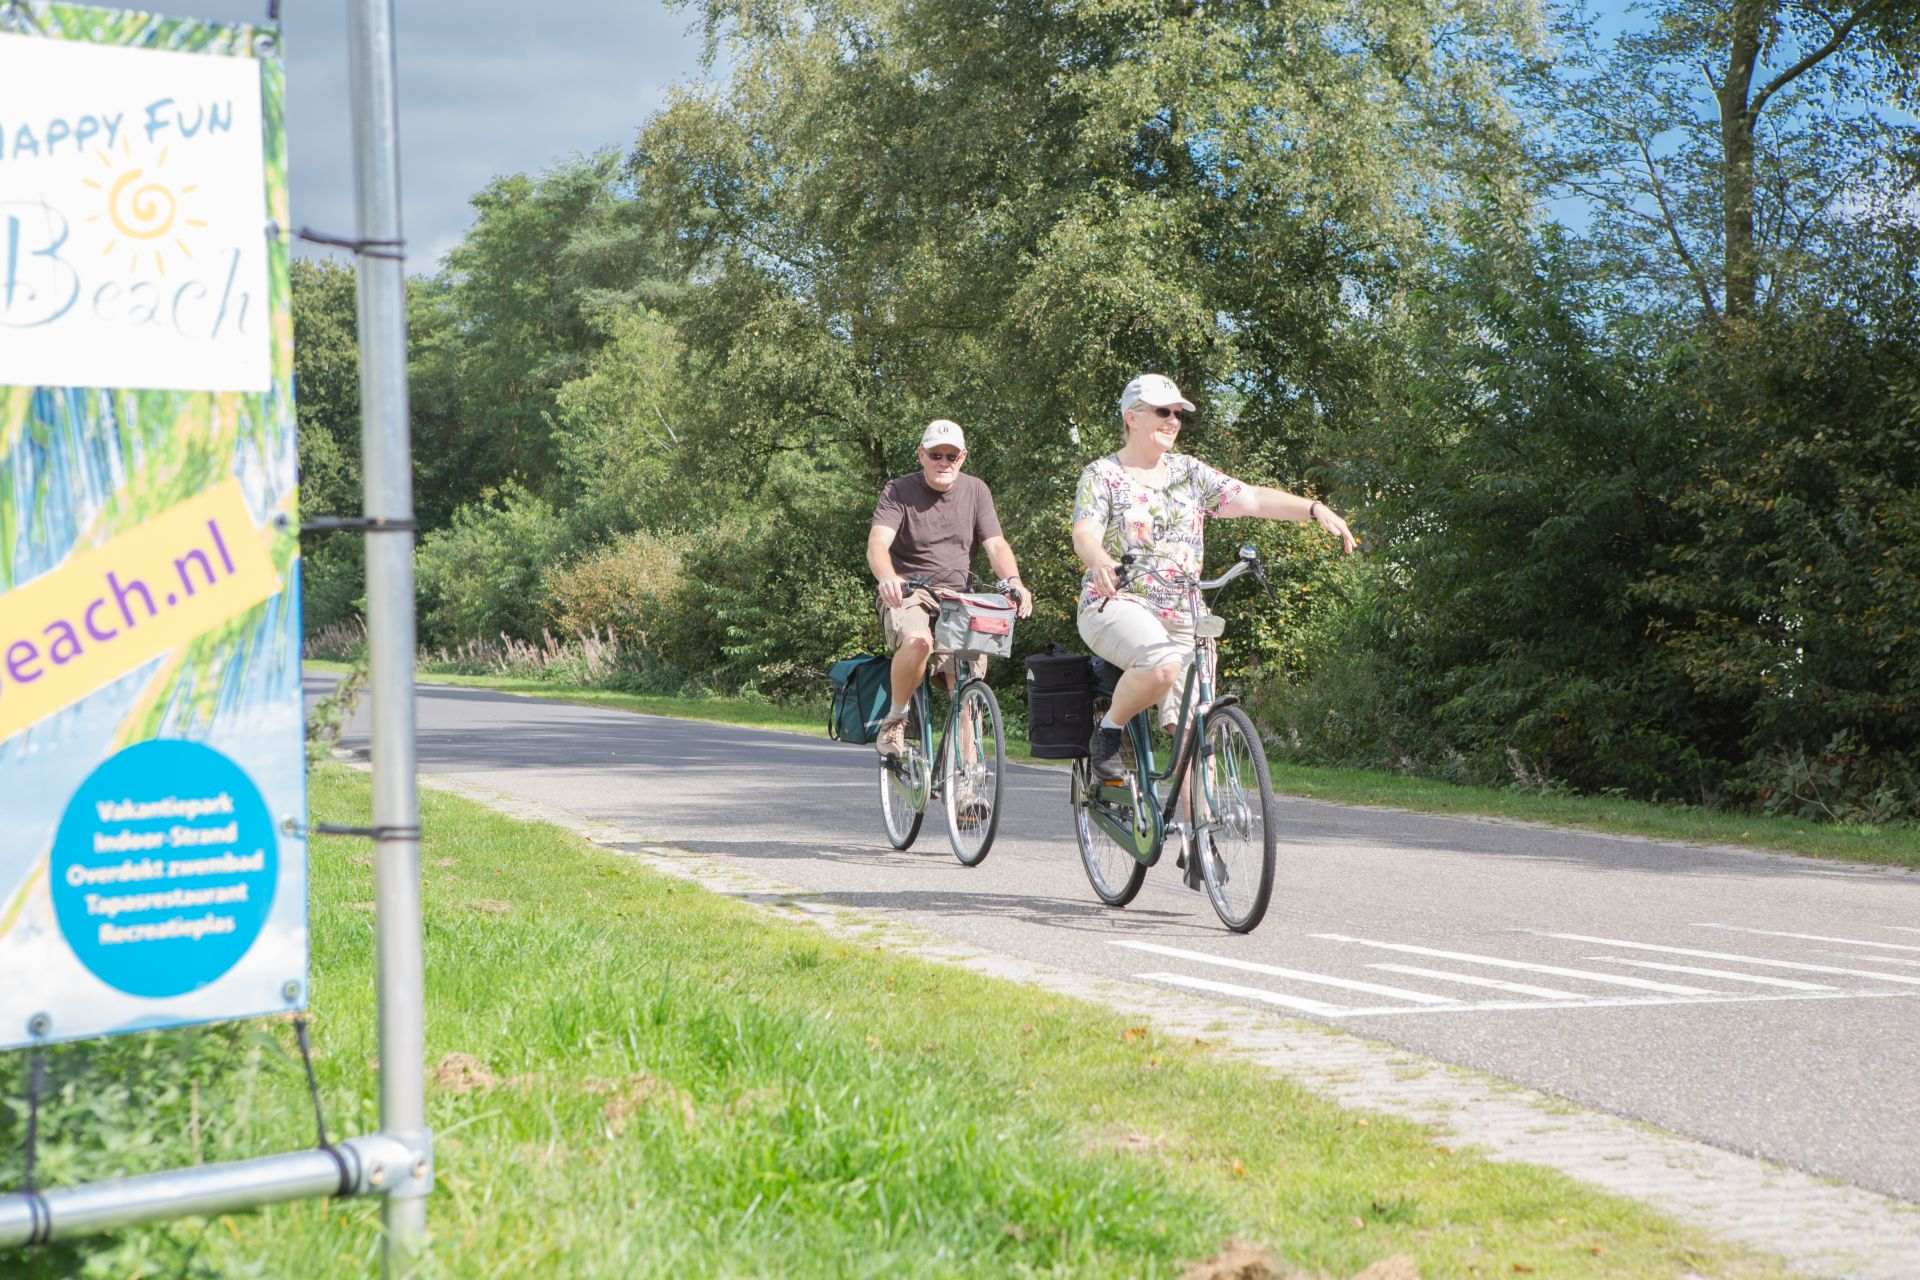 Dé camping voor de Vechtdal Fietsvierdaagse! - Camping voor de Vechtdal fietsvierdaagse